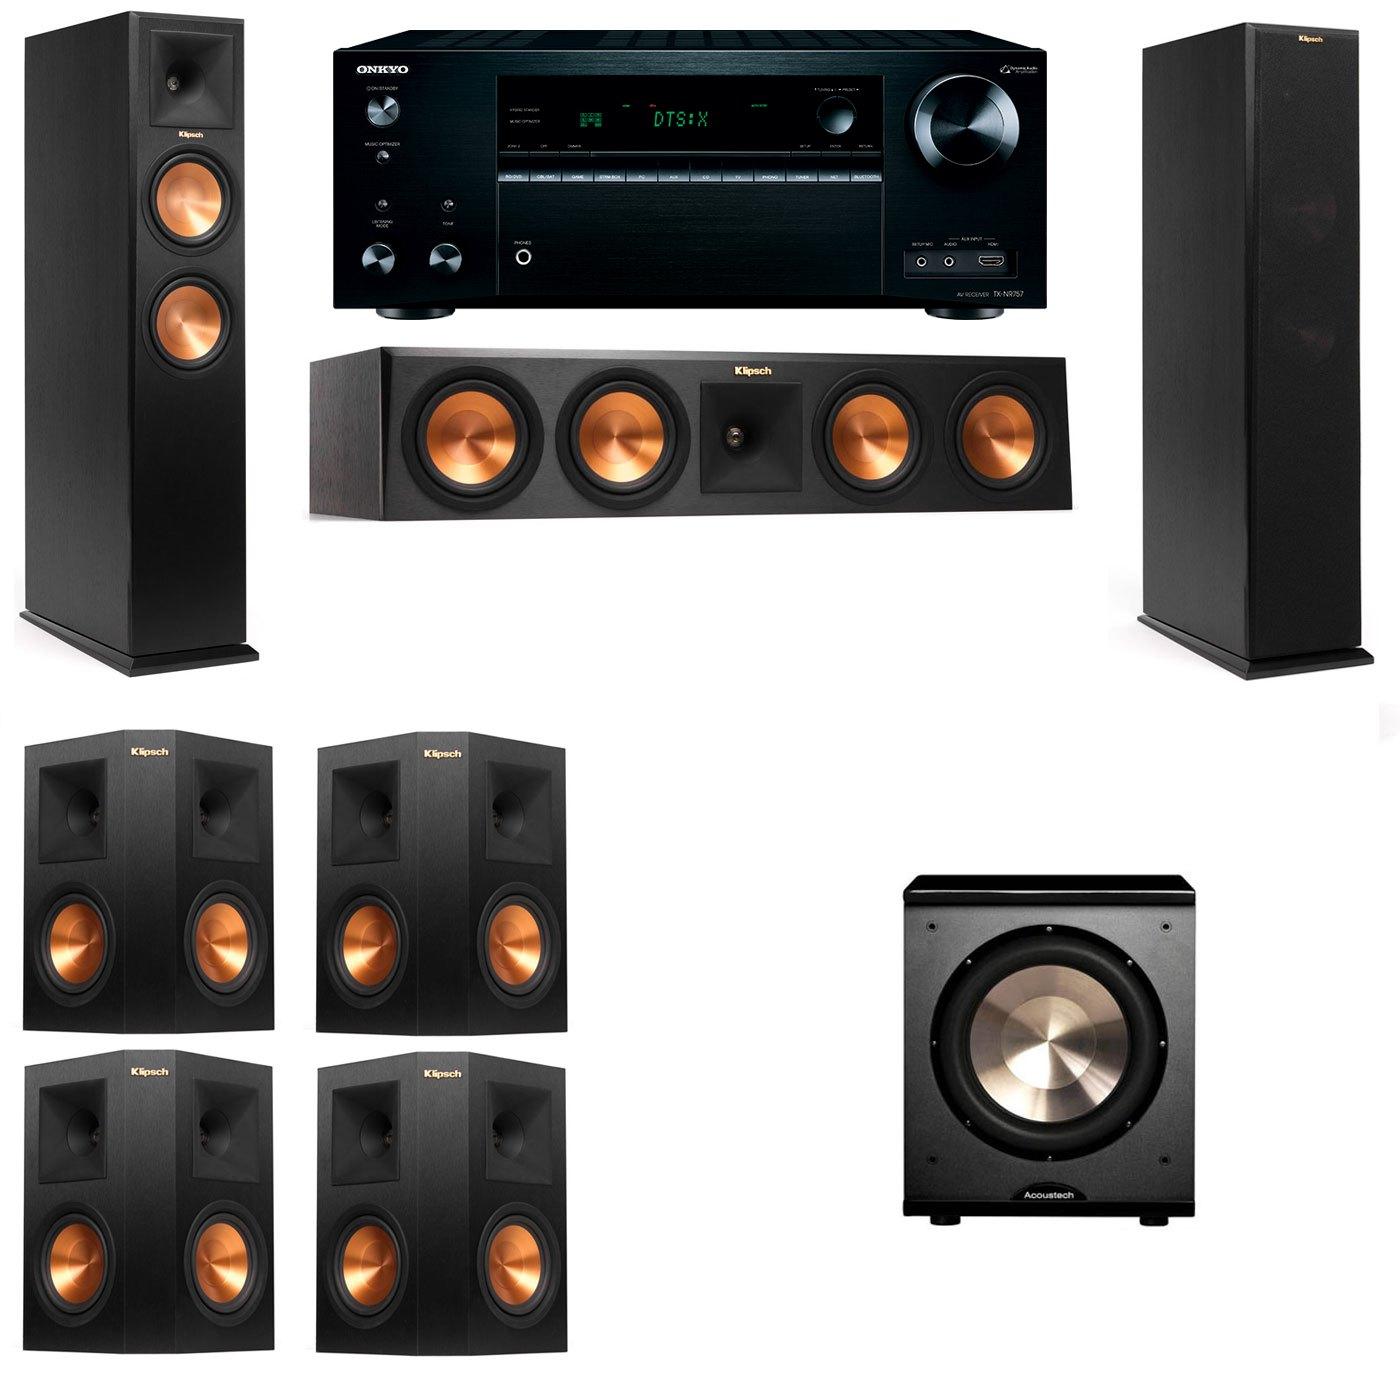 Klipsch RP-250F Tower Speakers-PL-200-7.1-Onkyo TX-NR757